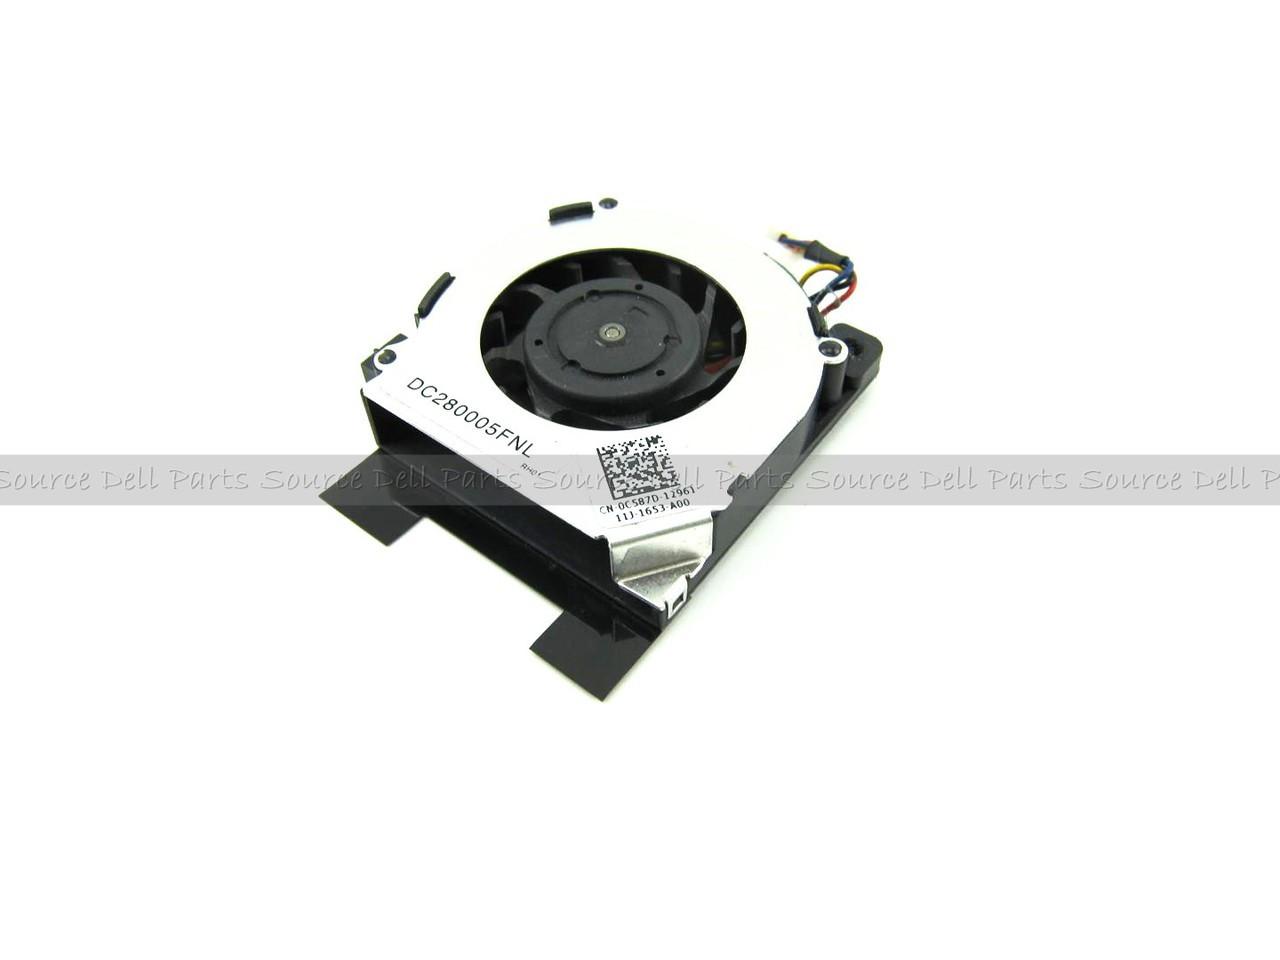 Dell Latitude E4200 CPU Cooling Fan - C587D